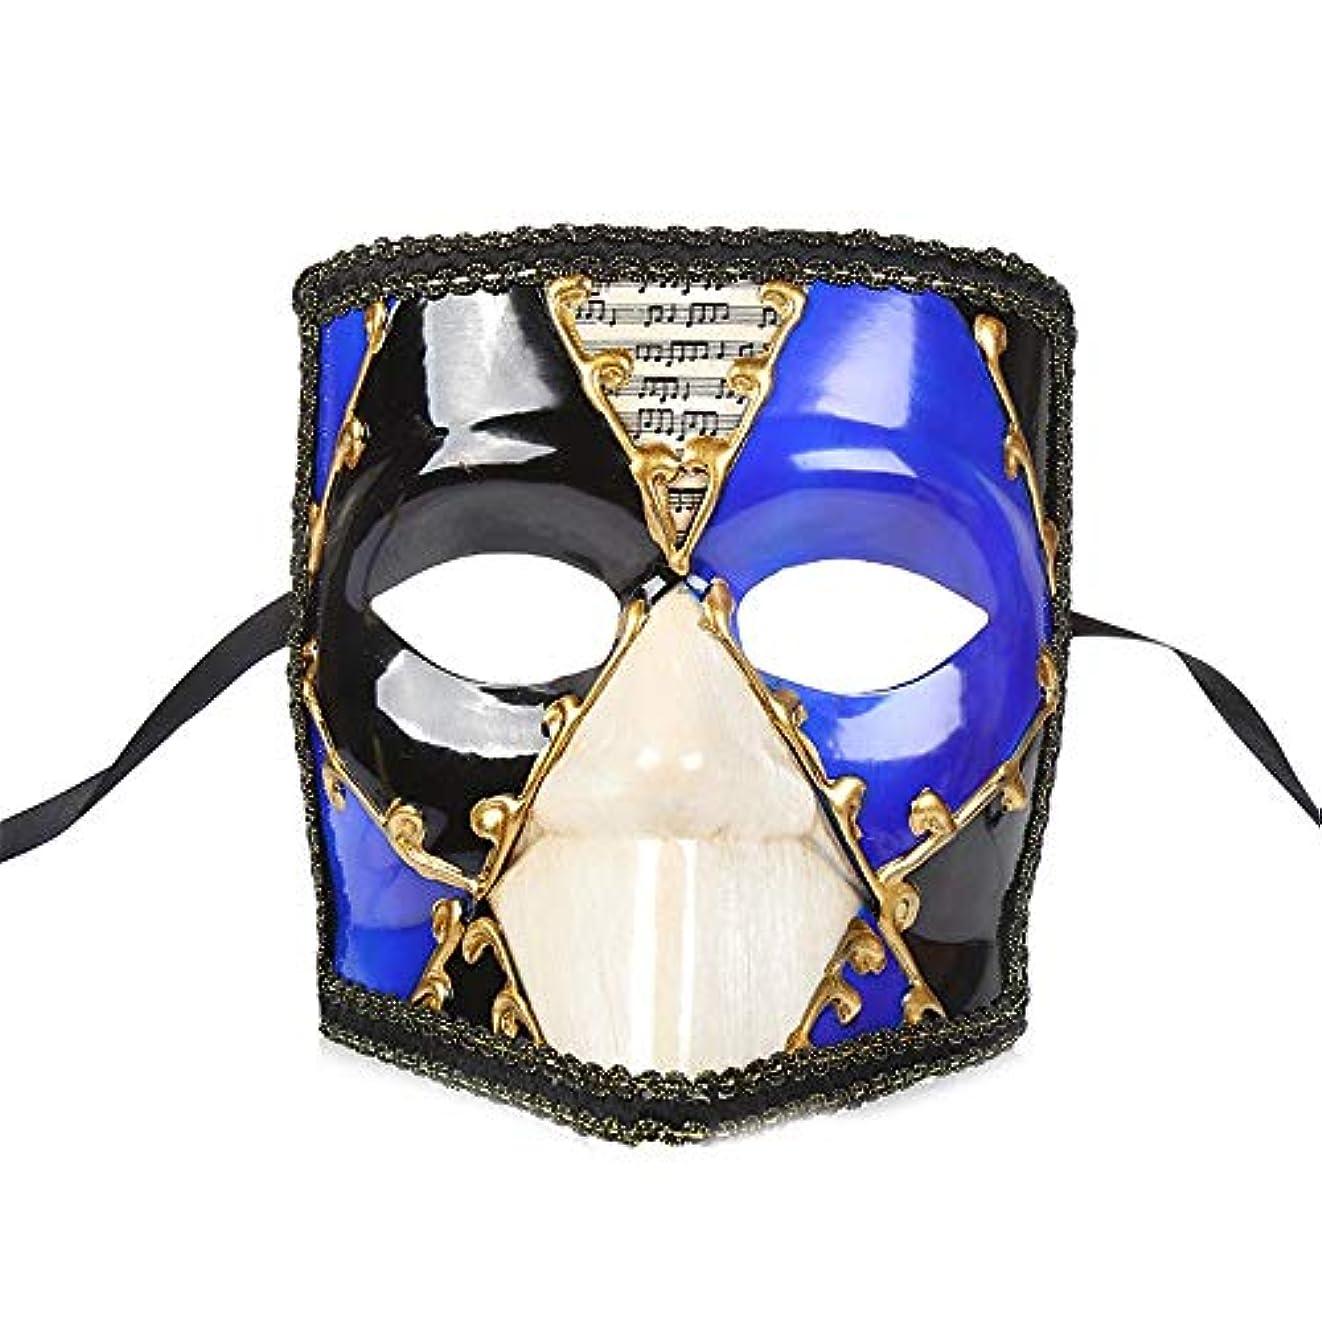 六分儀ピーク価値のないダンスマスク ピエロマスクヴィンテージマスカレードショーデコレーションコスプレナイトクラブプラスチック厚いマスク ホリデーパーティー用品 (色 : 青, サイズ : 18x15cm)